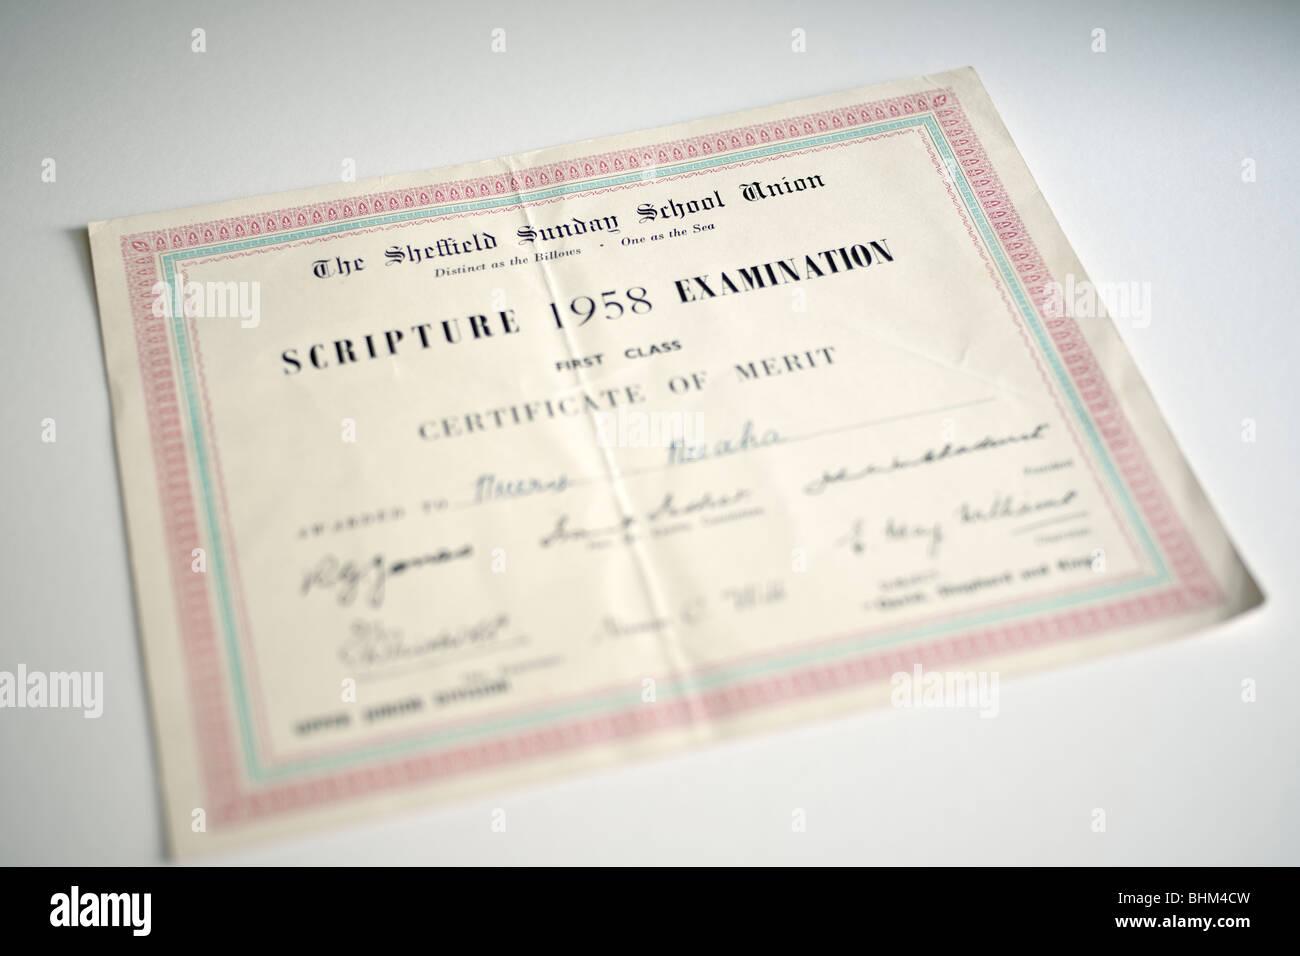 L'école du dimanche de Sheffield Union européenne Certificat d'examen du mérite de l'écriture Photo Stock